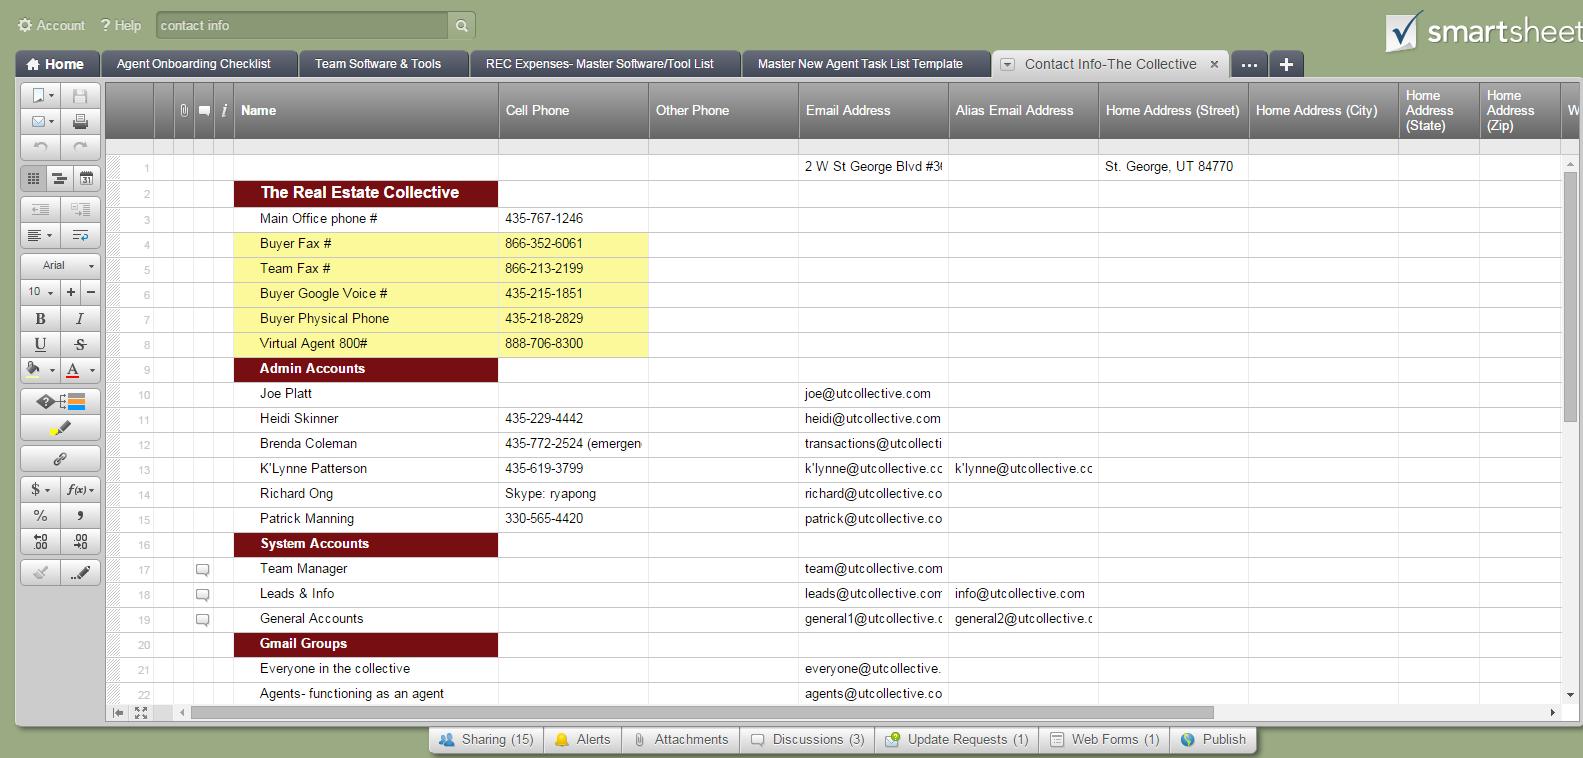 Put agent website url on contact info smartsheet(ADMIN TASK)